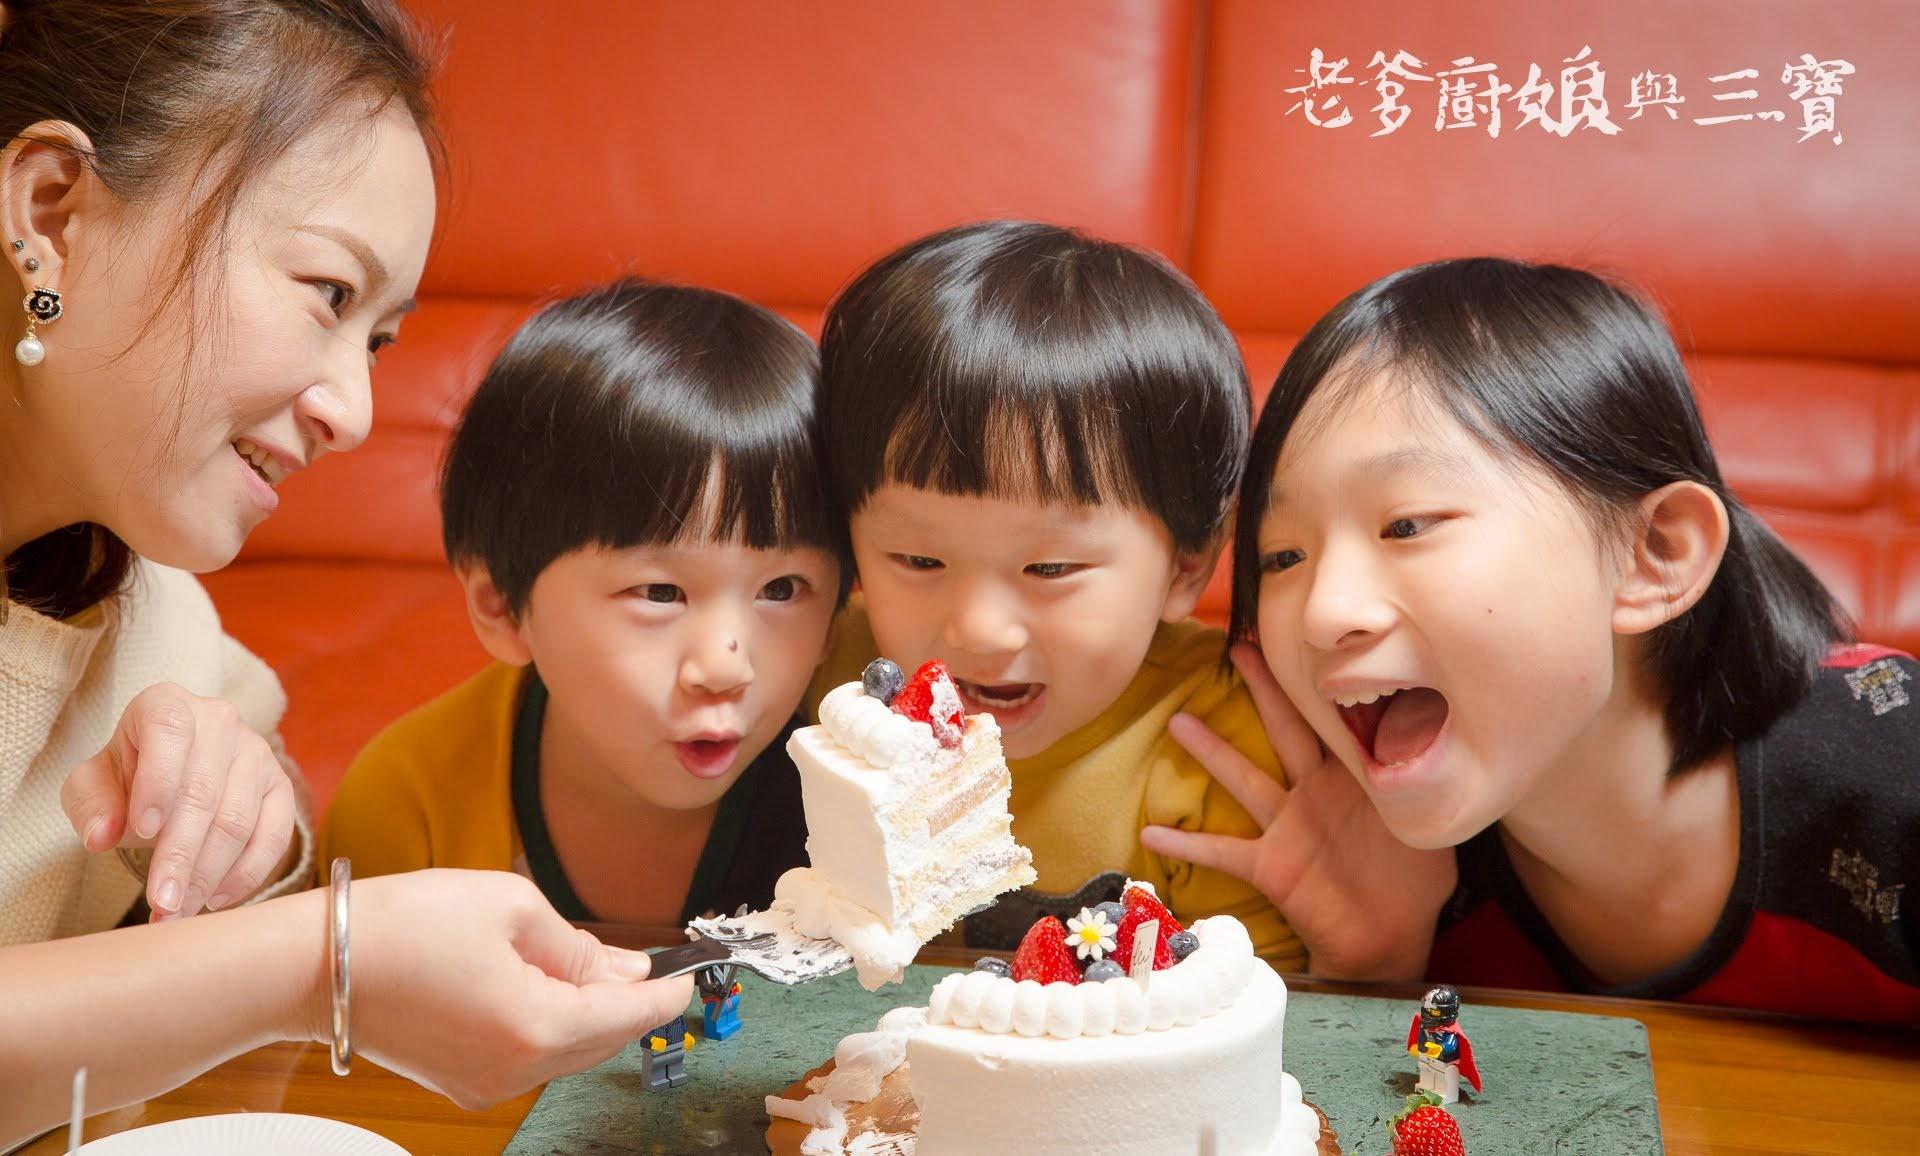 Color C'ode 凱莉小姐/歐牧鮮奶油綜合水果蛋糕...看起來簡單,入口卻滿滿幸福與奢華的驚人感受